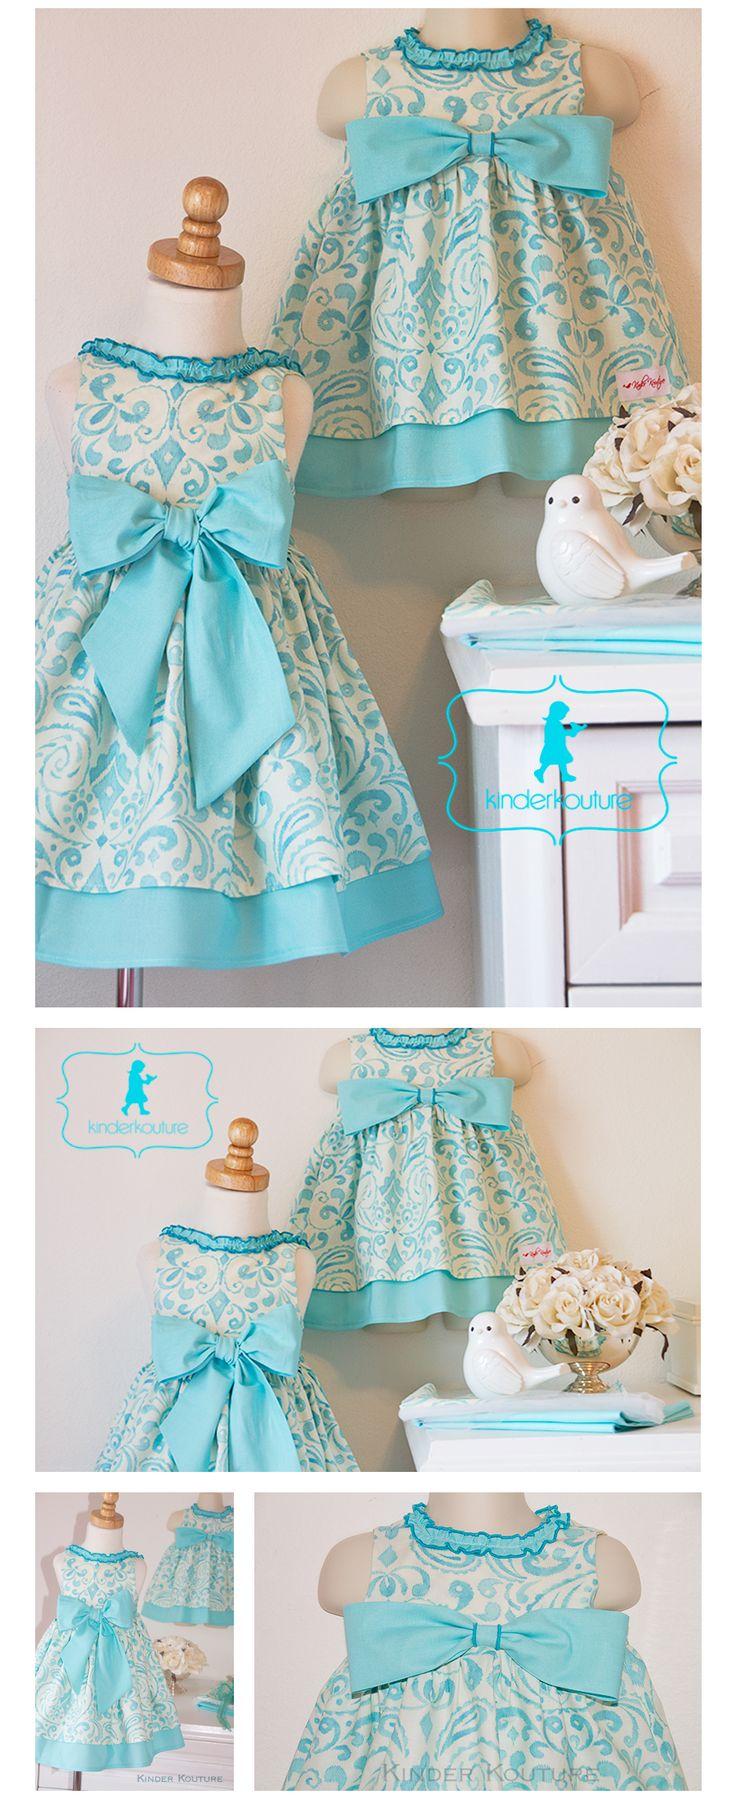 Kinder Kouture dresses.